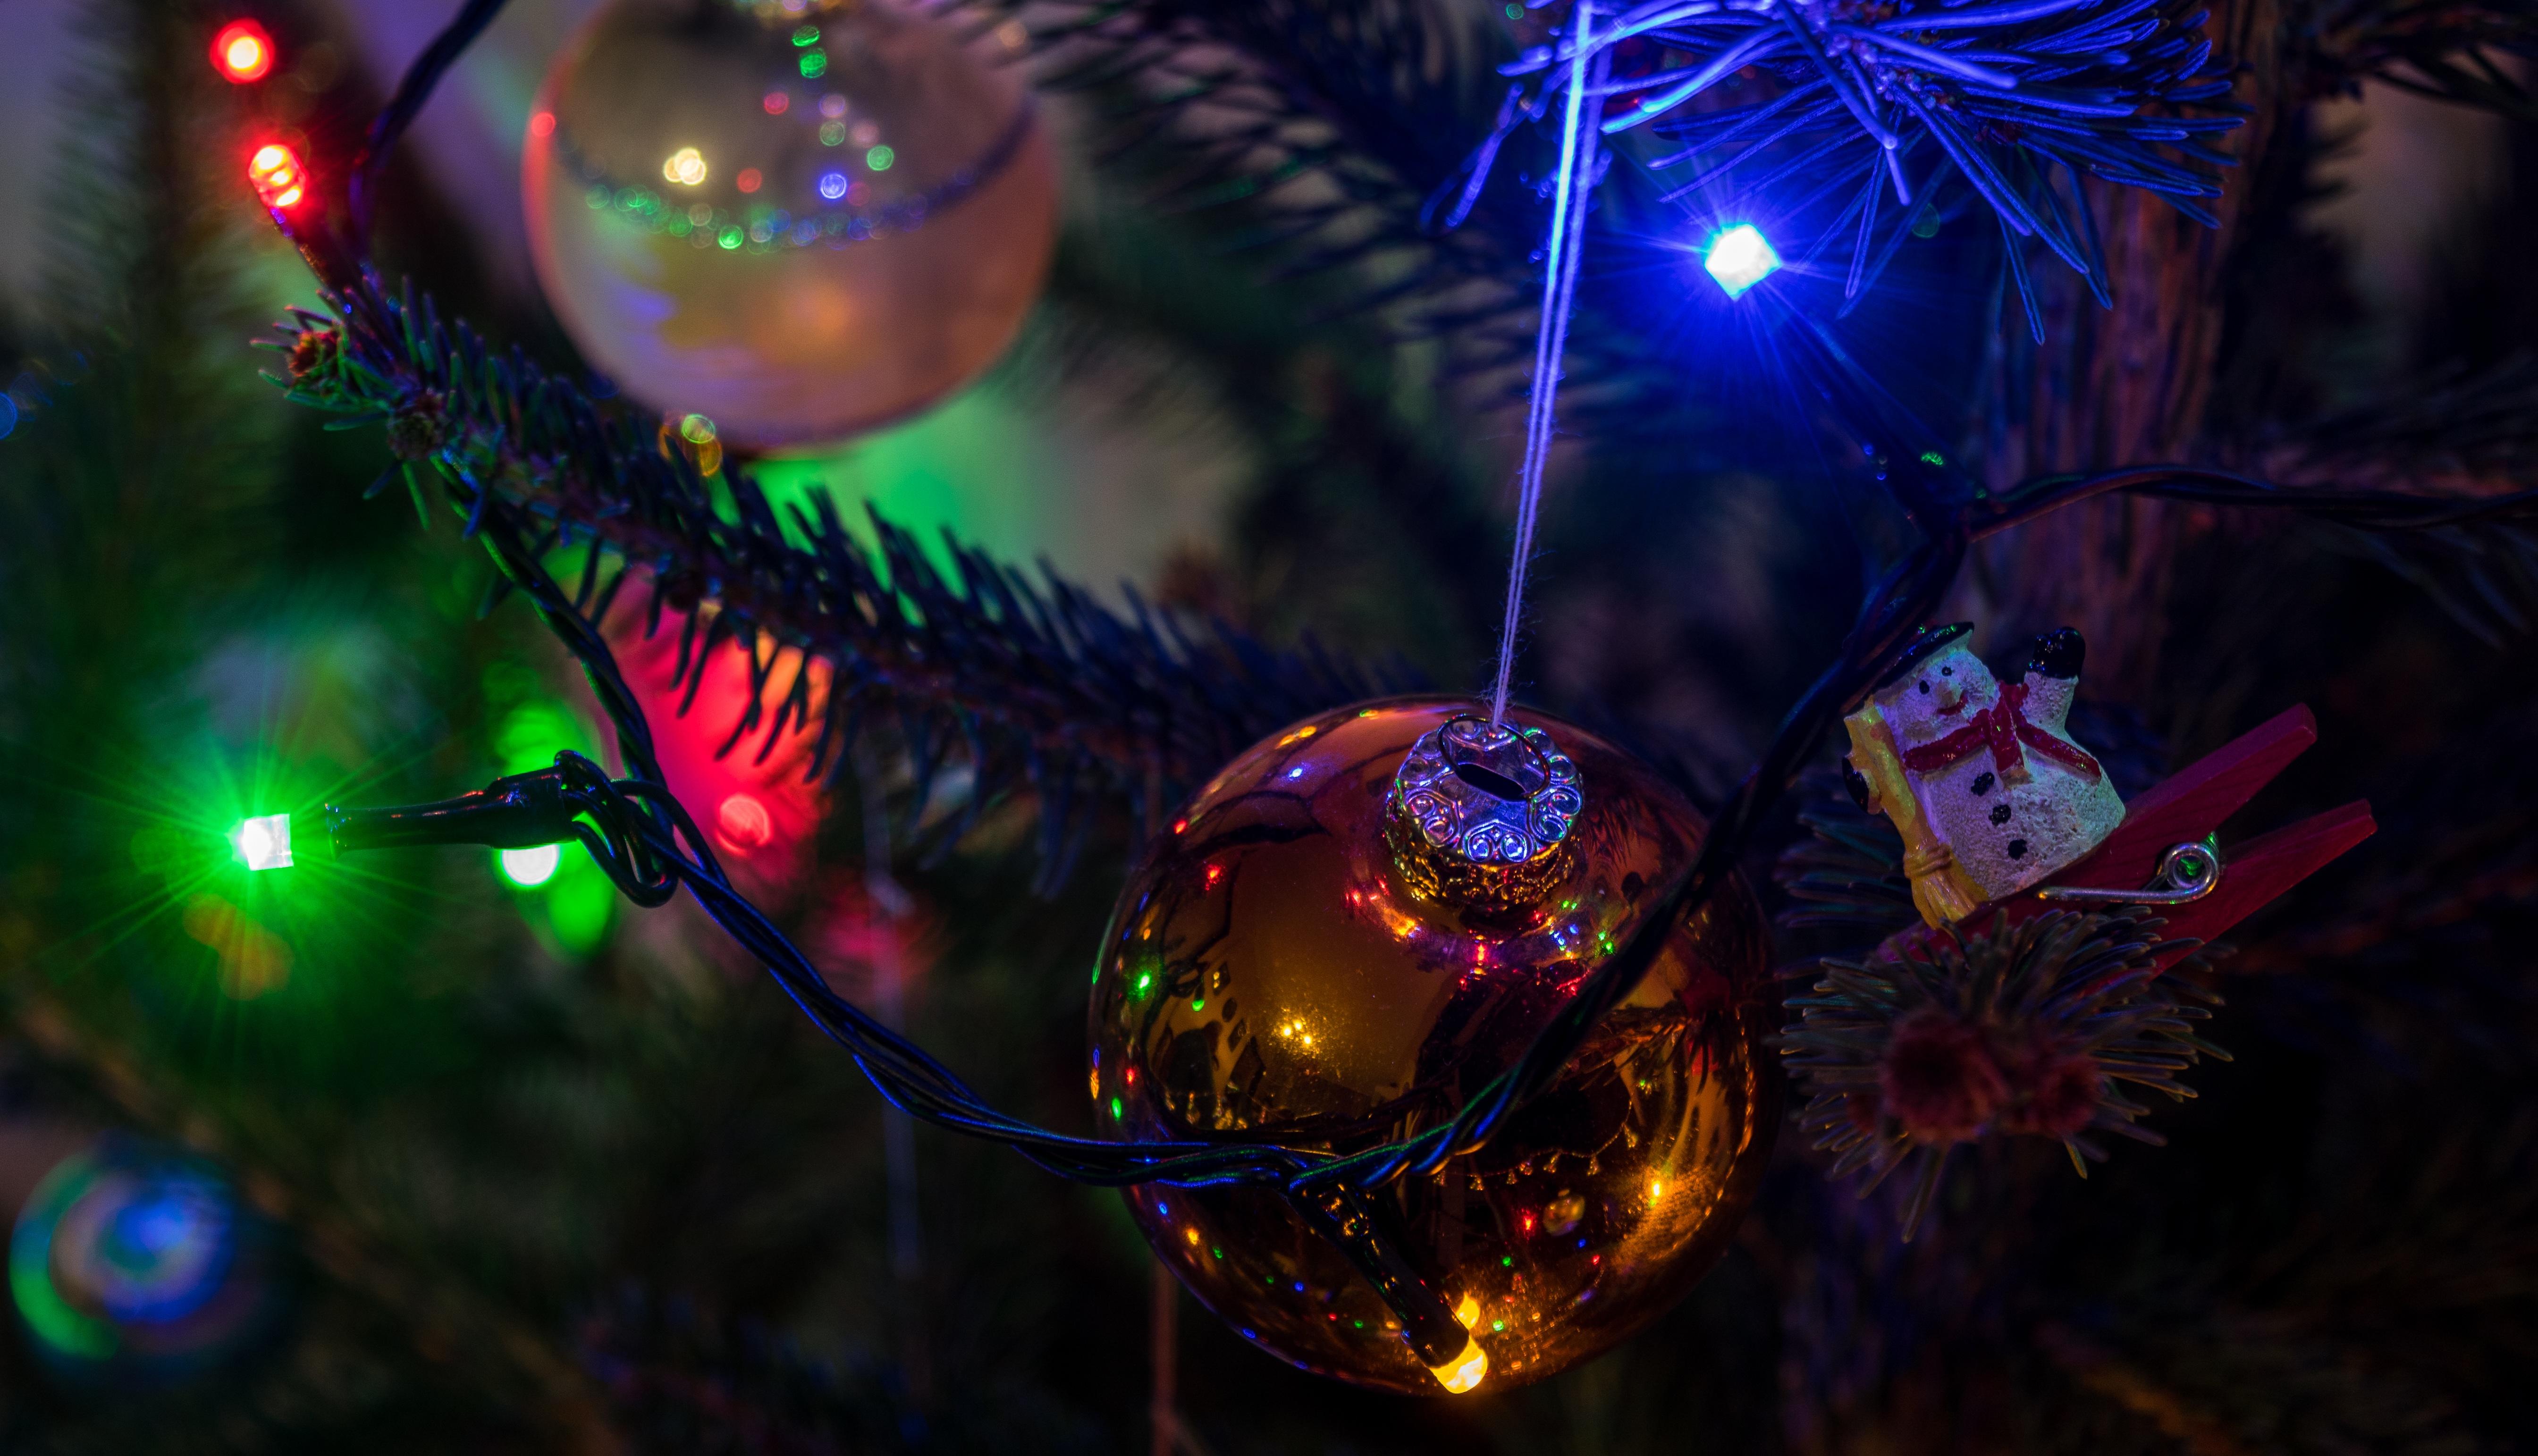 Images Gratuites Lumiere Nuit Obscurite Jouet Arbre De Noel